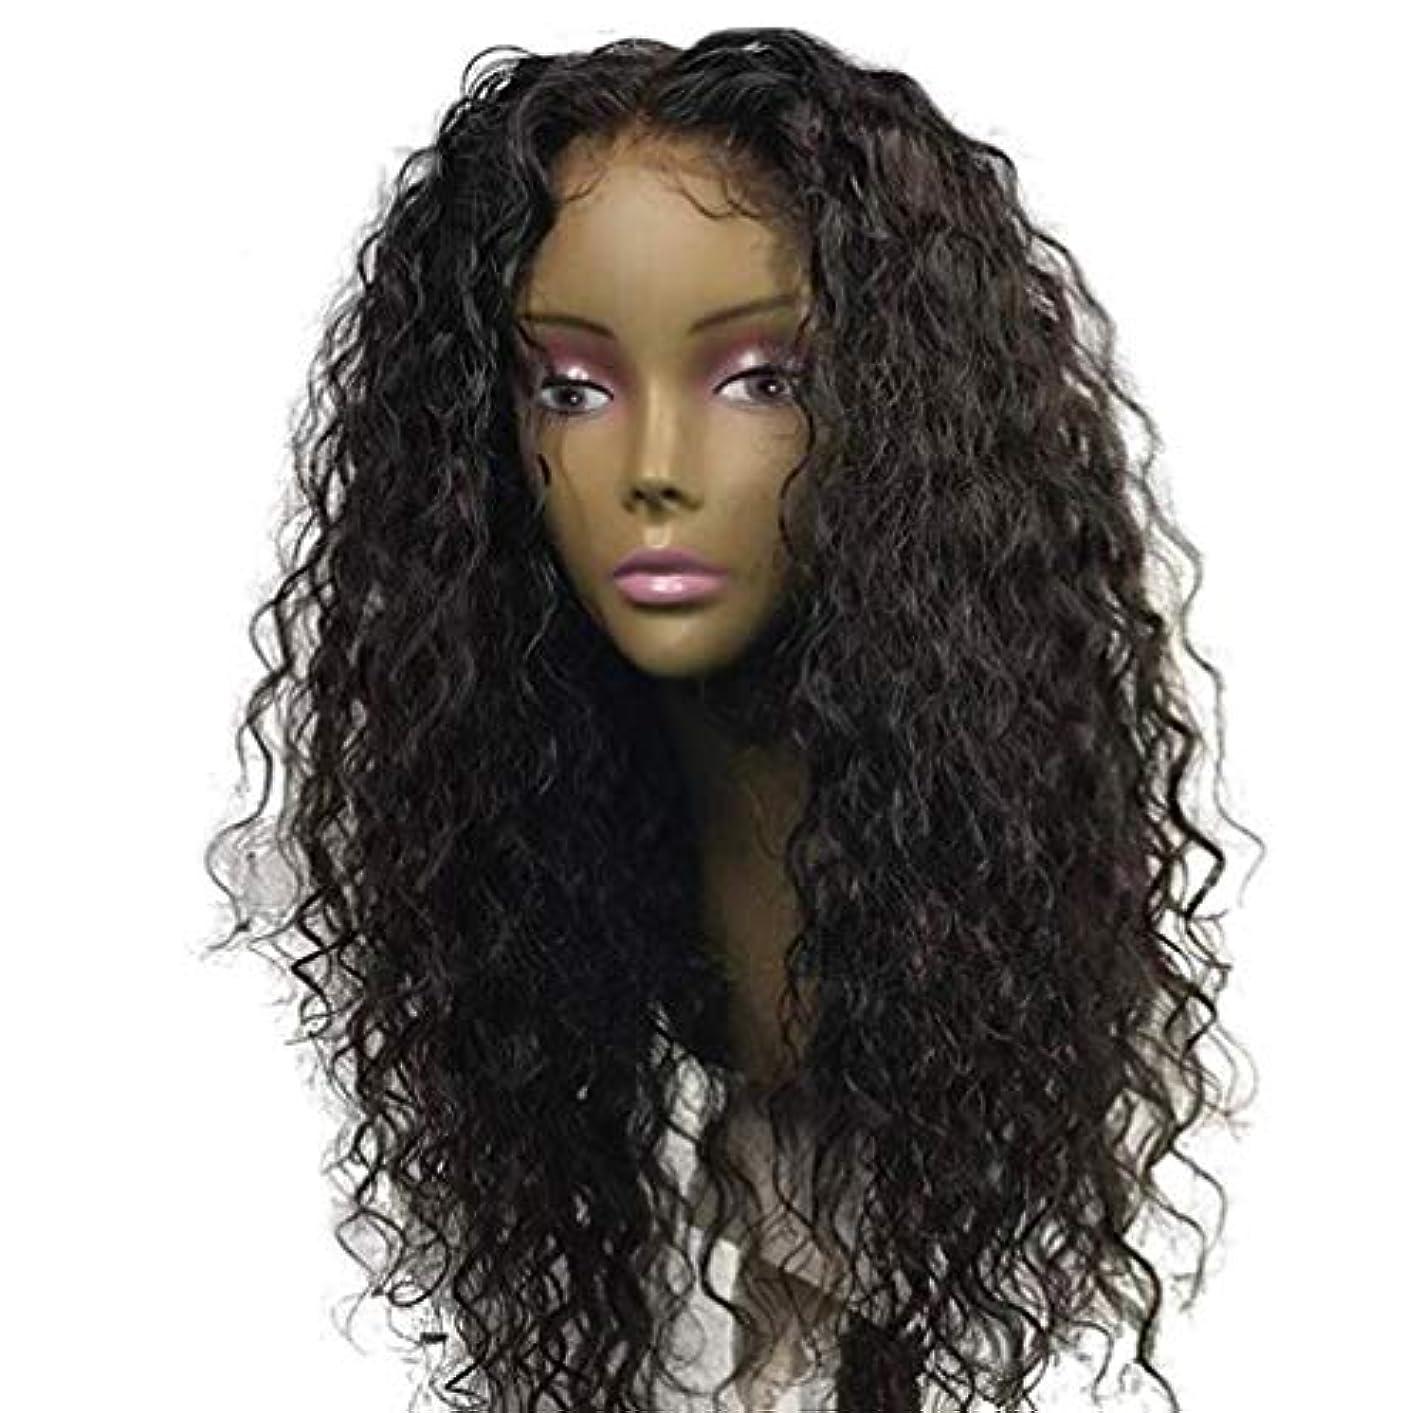 ベルベット策定する戦術女性ブラジルレミー深い波髪かつら150%密度レースフロント人毛ウィッグベビー毛黒55センチ